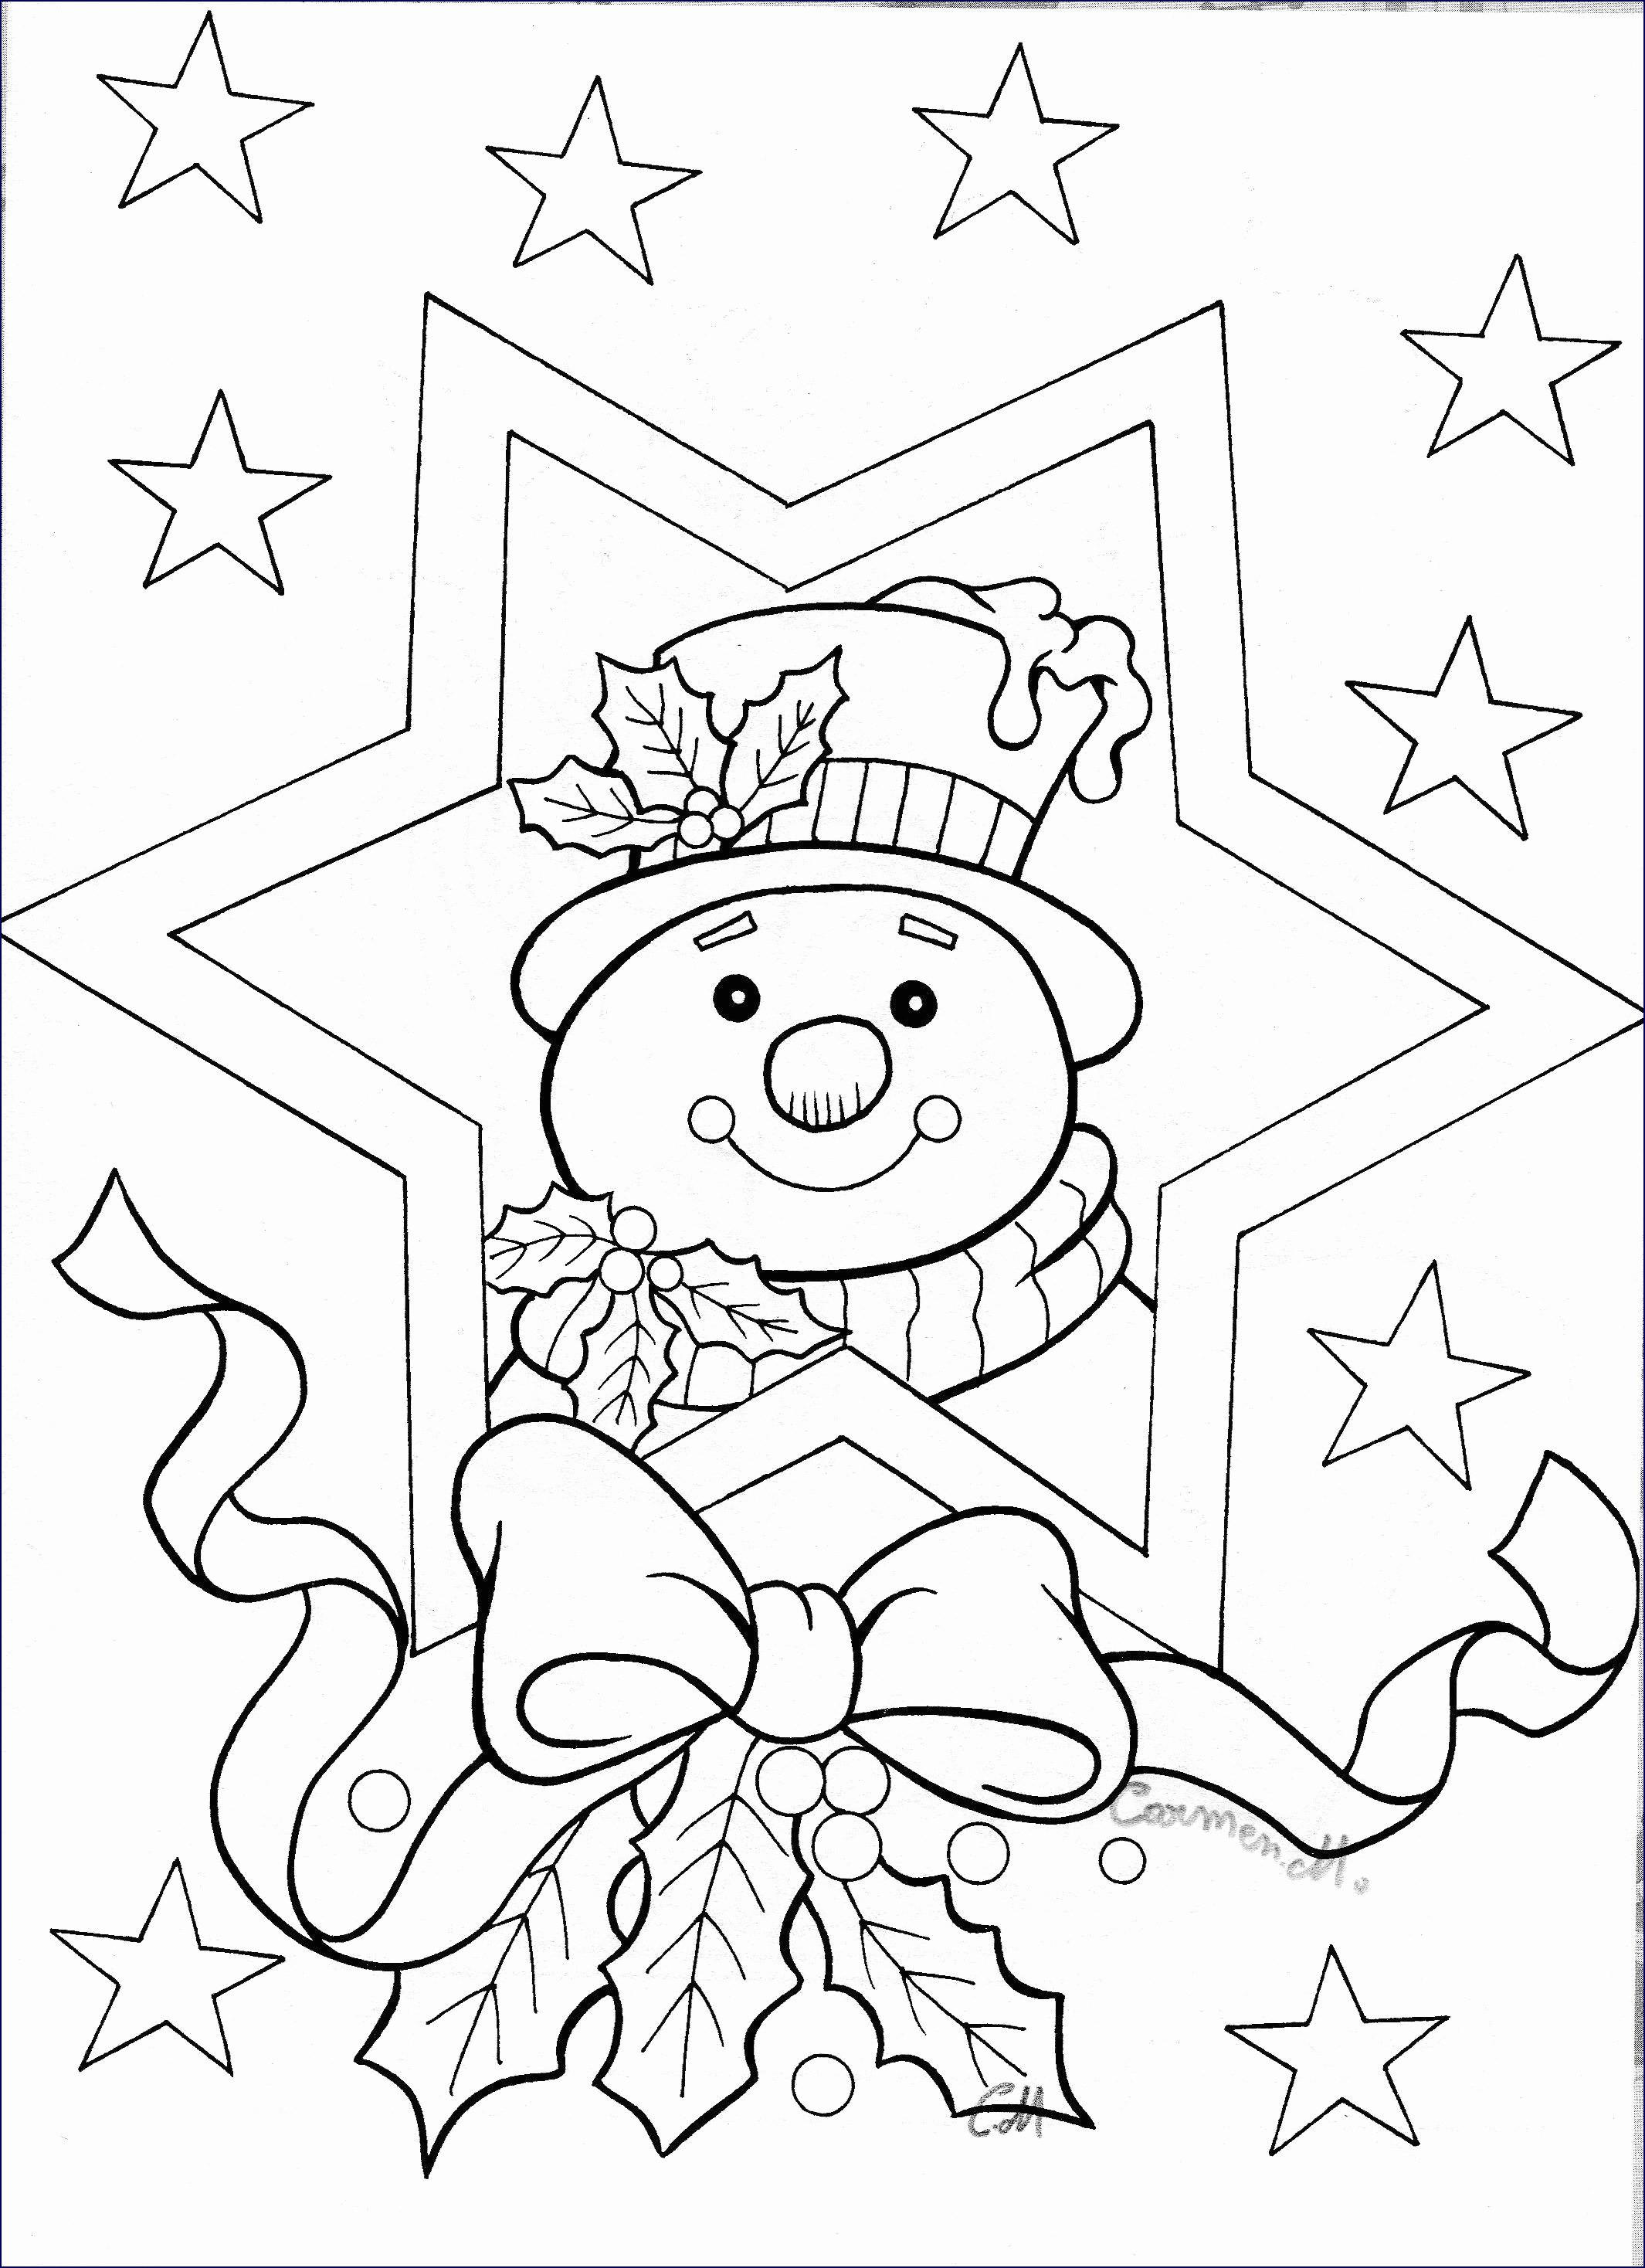 Elsa Ausmalbilder Zum Drucken Frisch 28 Inspirierend Elsa Ausmalbilder Ausdrucken Mickeycarrollmunchkin Galerie